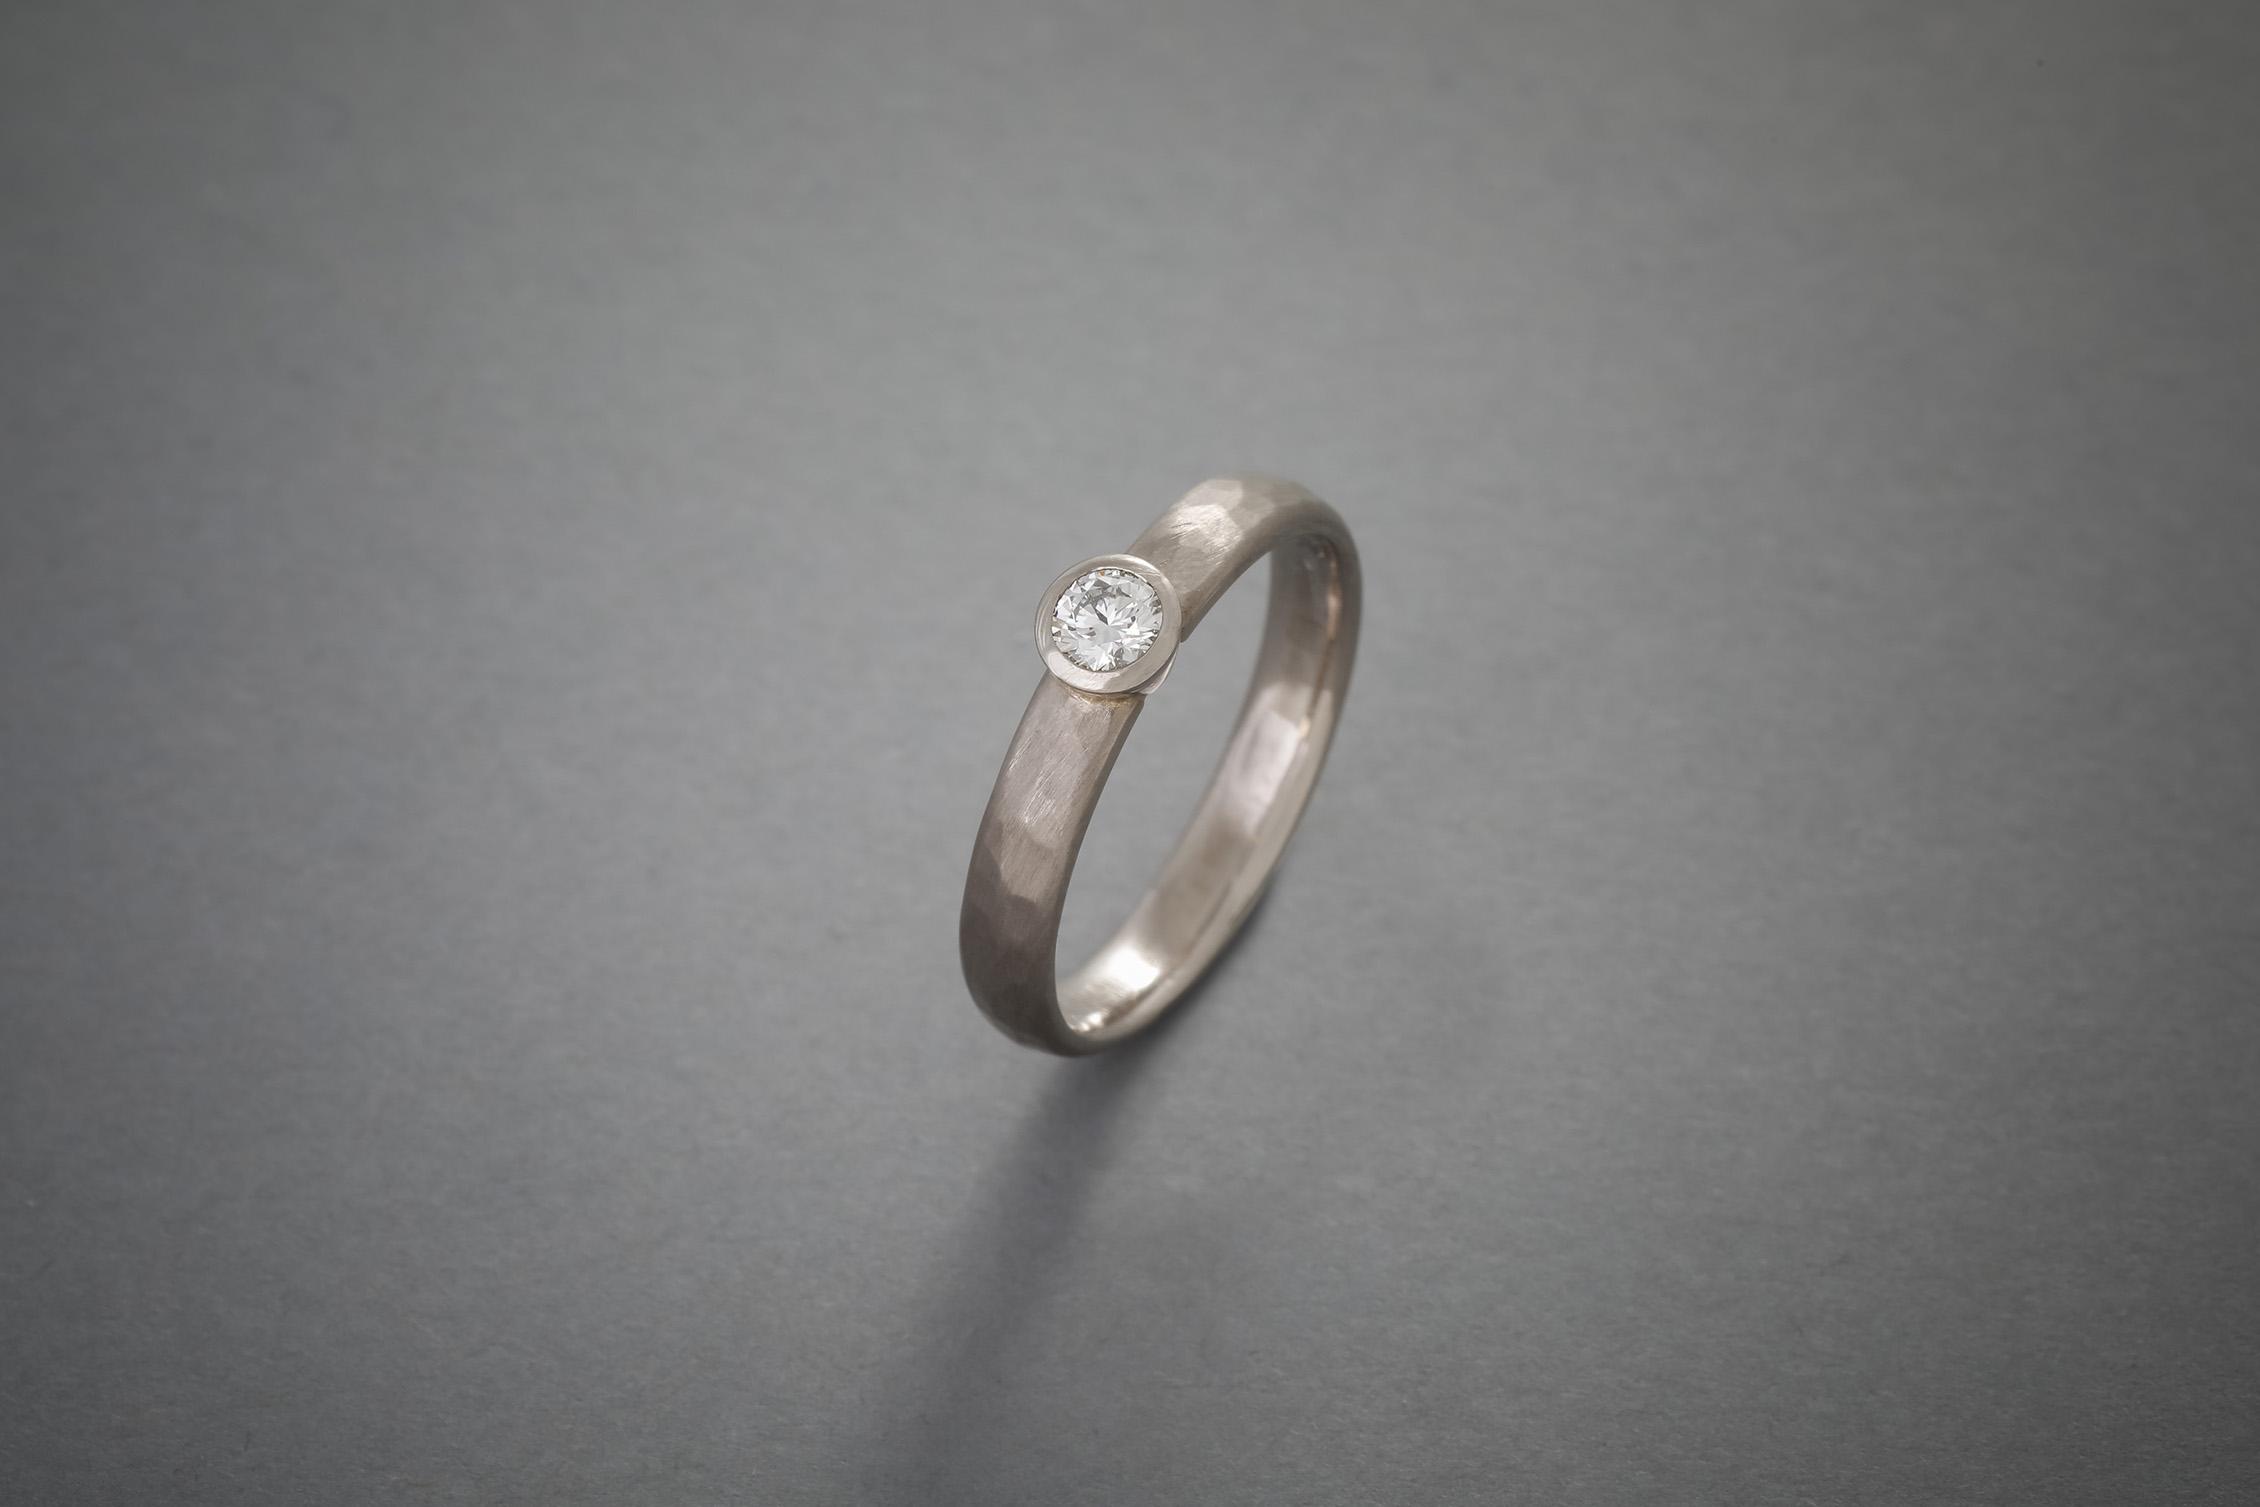 052 18kt Weißgoldring, Brillant, Preis auf Anfrage